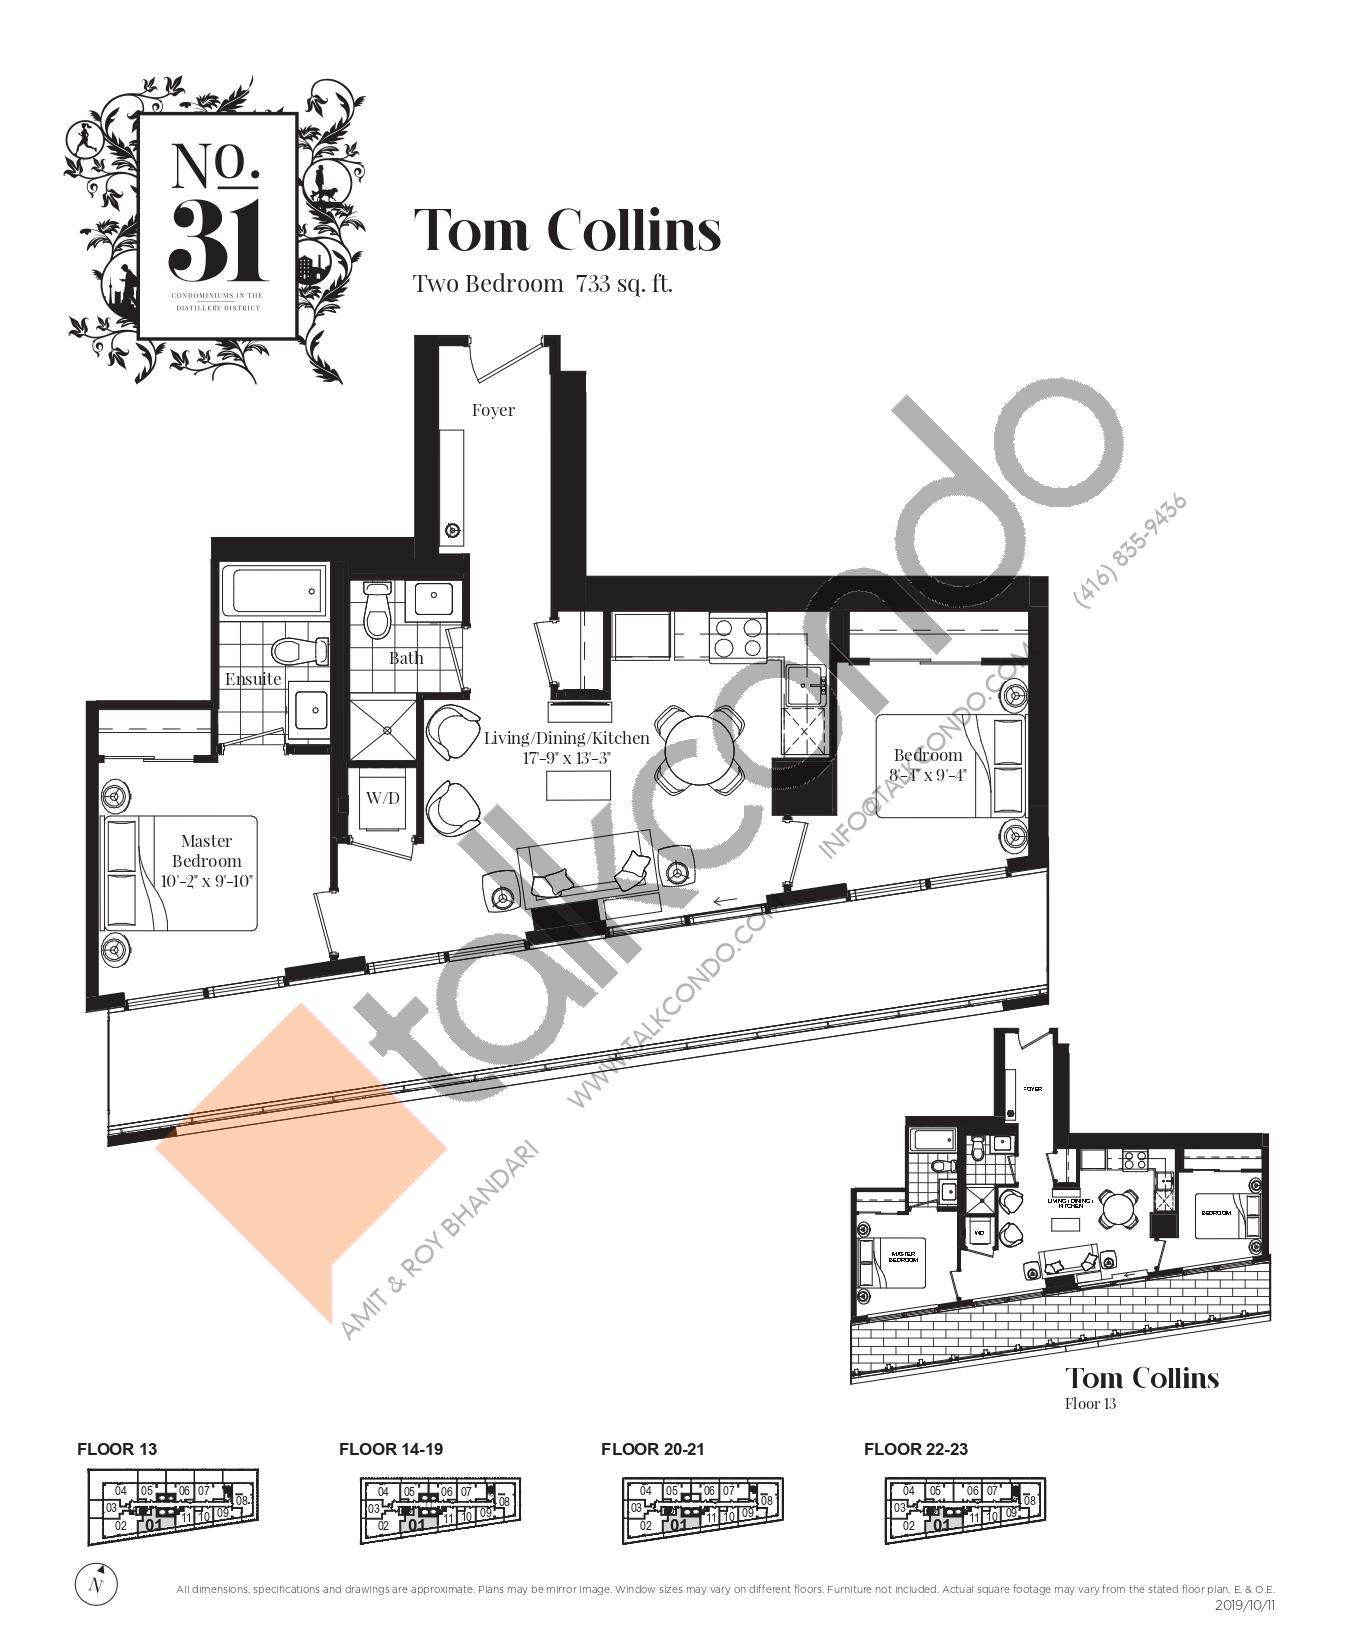 Tom Collins Floor Plan at No. 31 Condos - 733 sq.ft